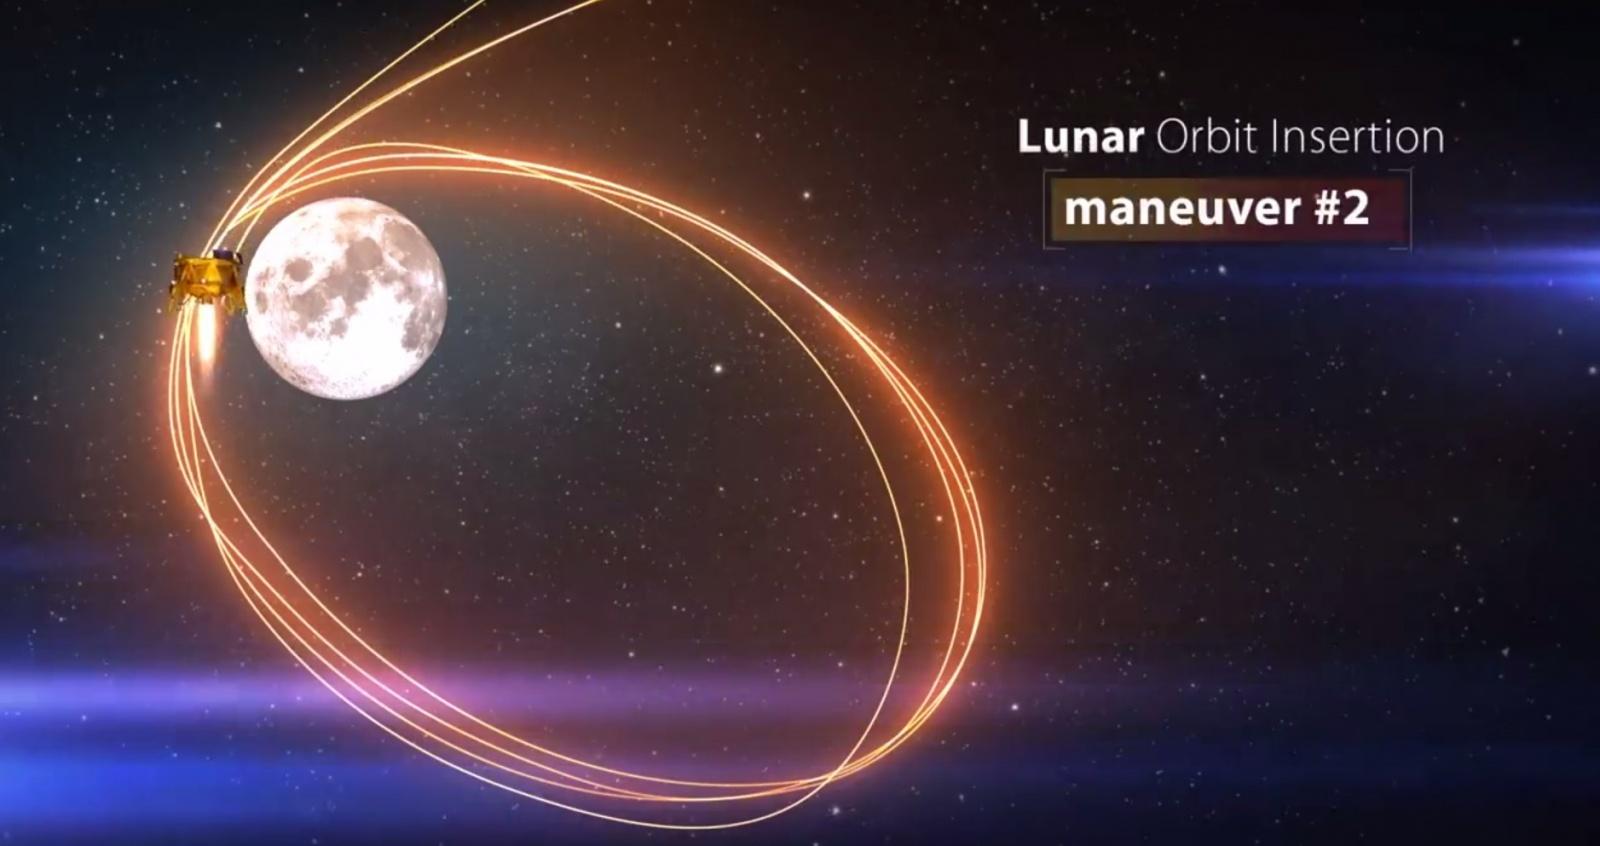 Лунная миссия «Берешит» – характеристики аппарата, серия маневров и самый длинный путь на Луну - 21